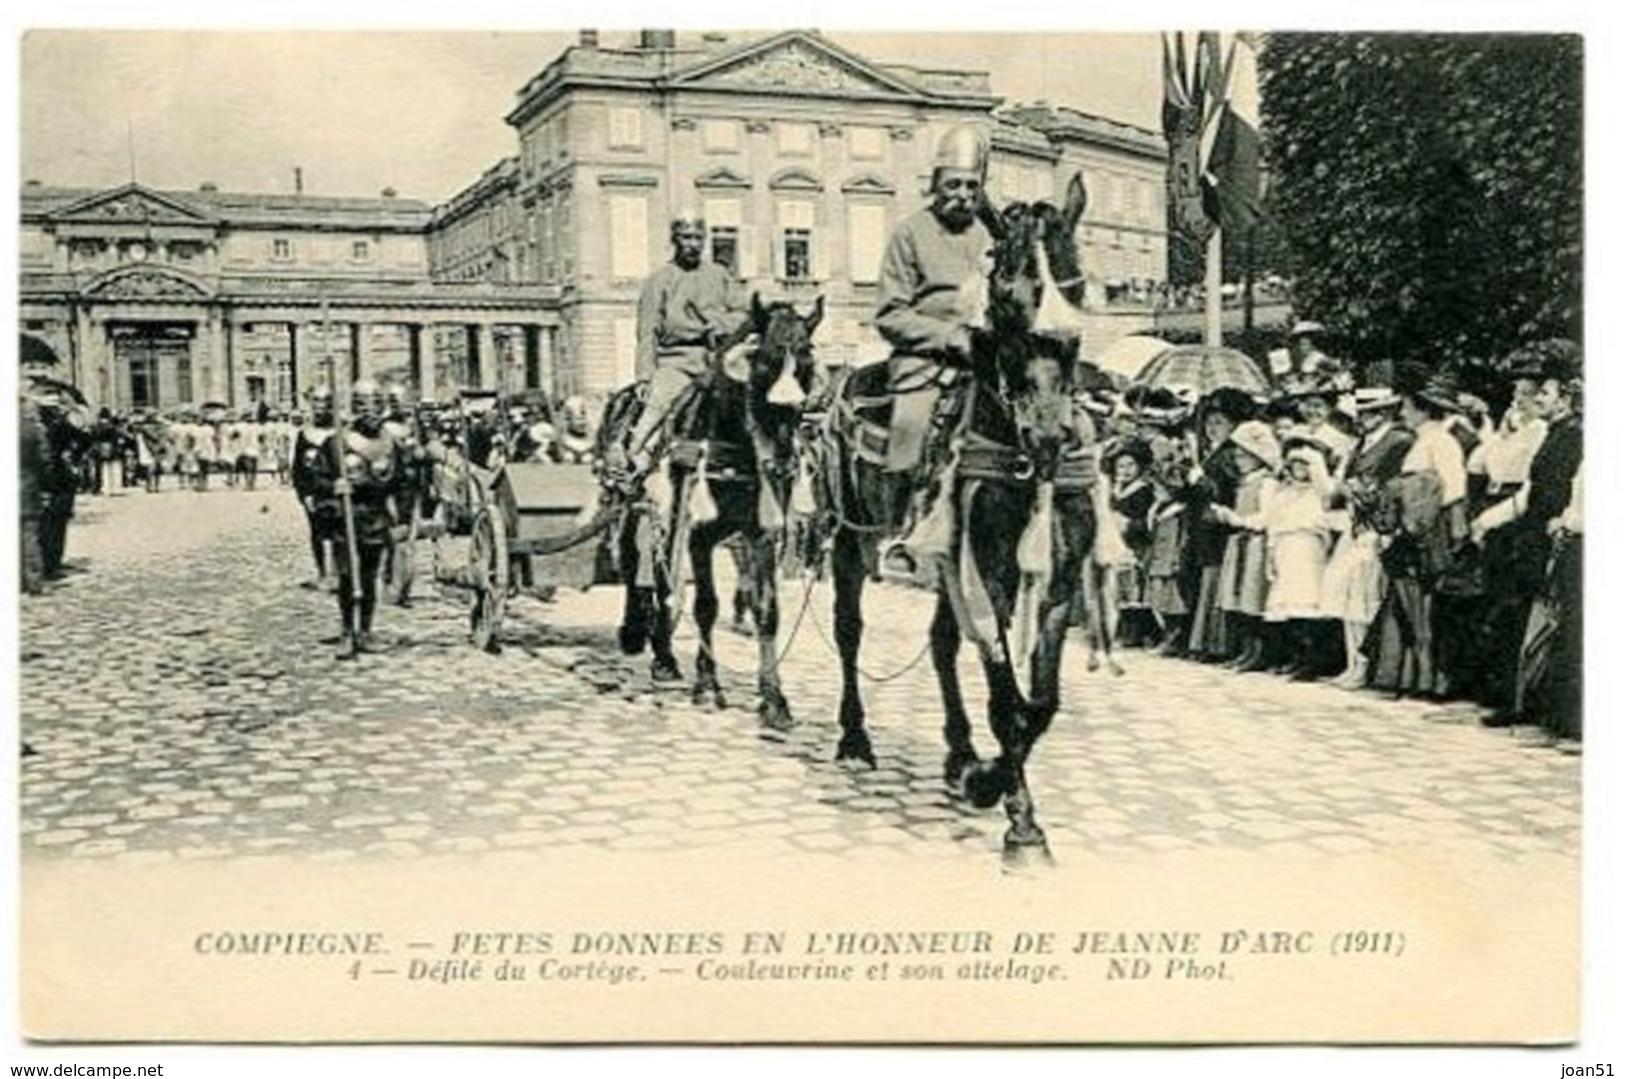 C 24  COMPIEGNE FETES DONNEES EN L'HONNEUR DE JEANNE D'ARC - Compiegne